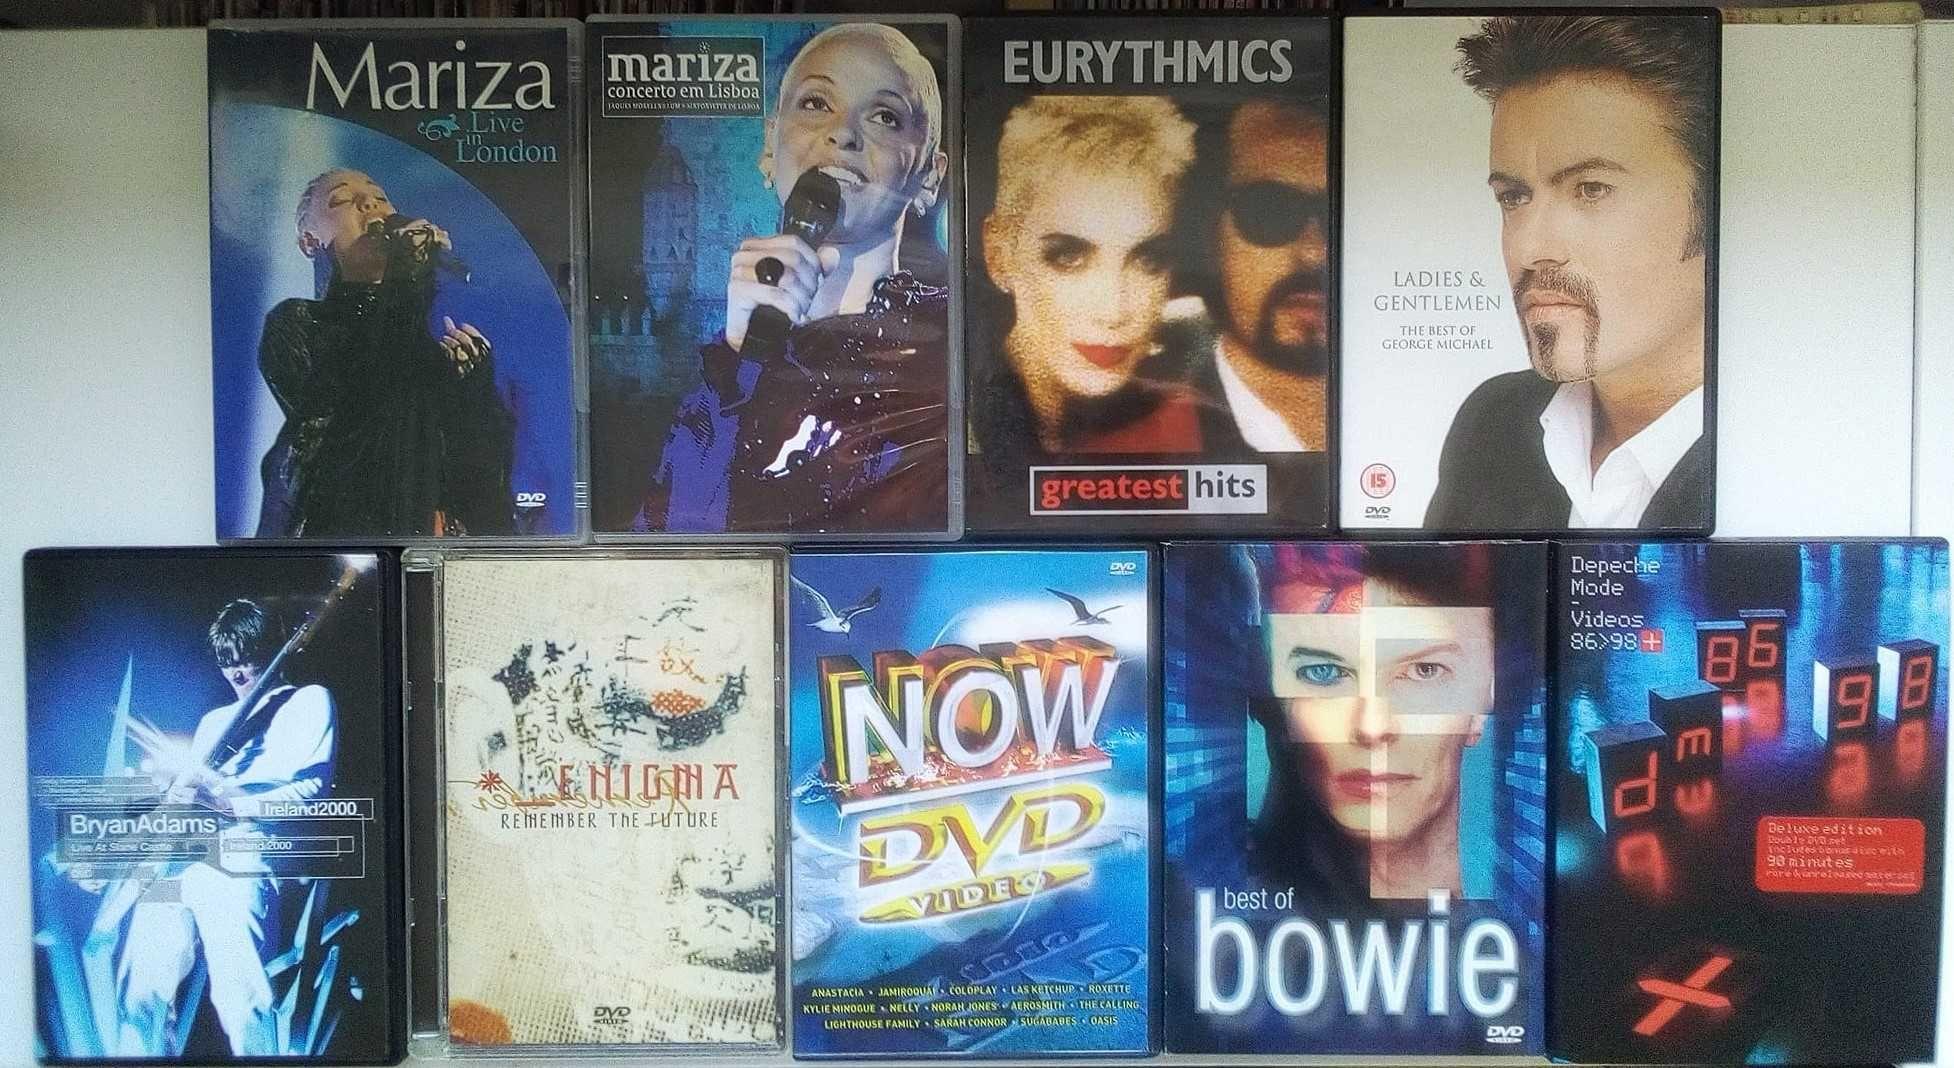 DVD Musica Originais 5 Euros cada